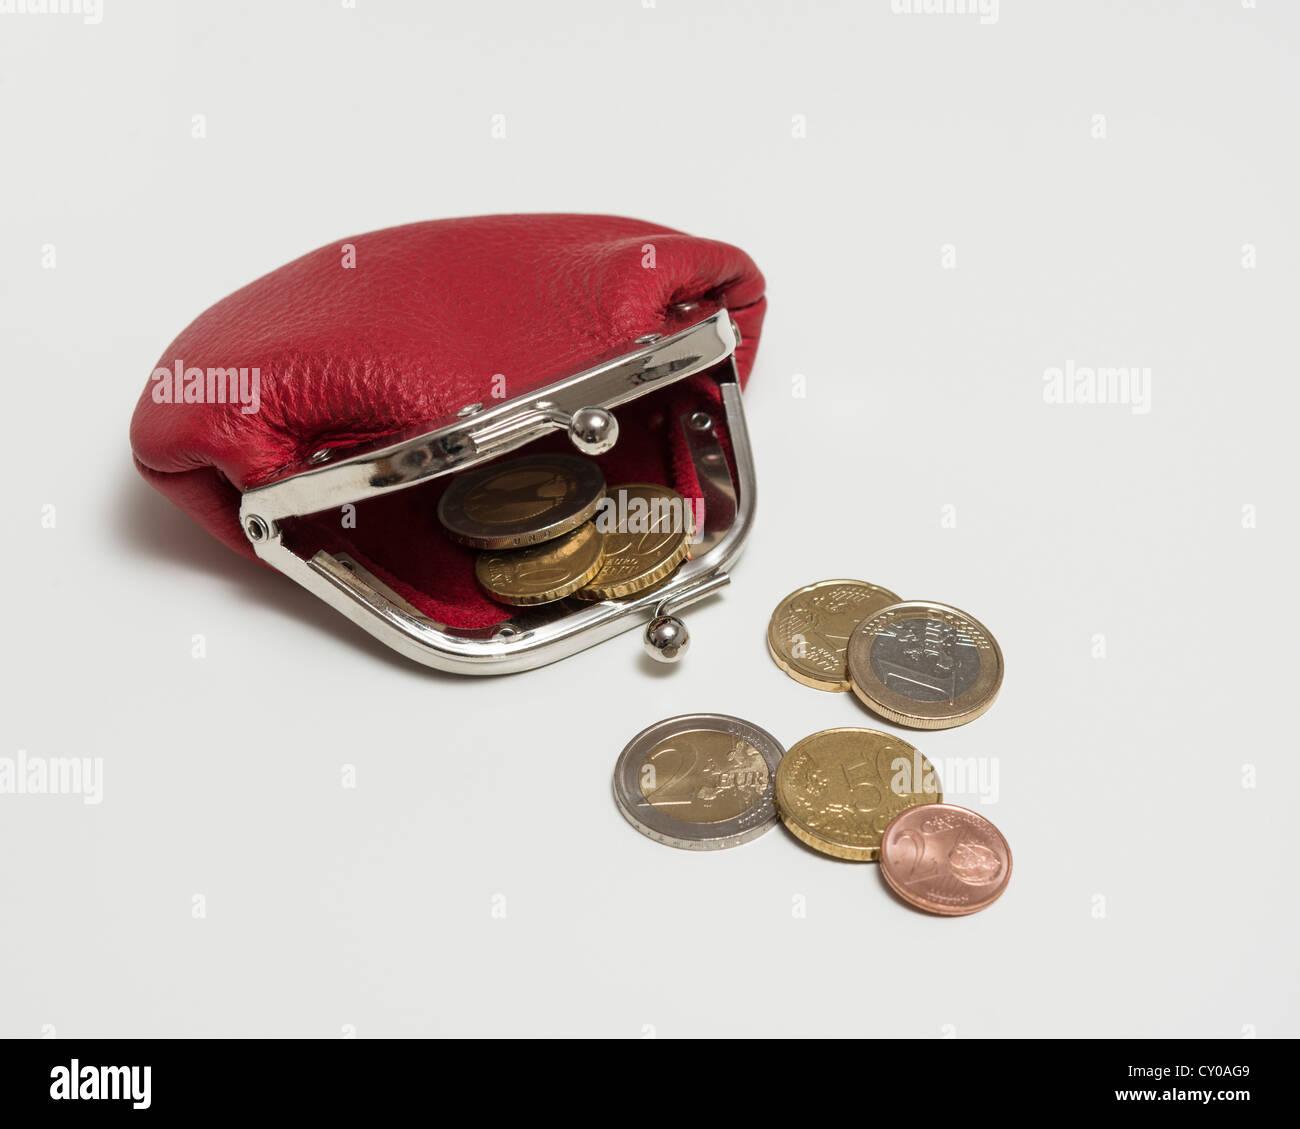 Aprire il fermo rosso portafoglio con monete metalliche in euro Immagini Stock